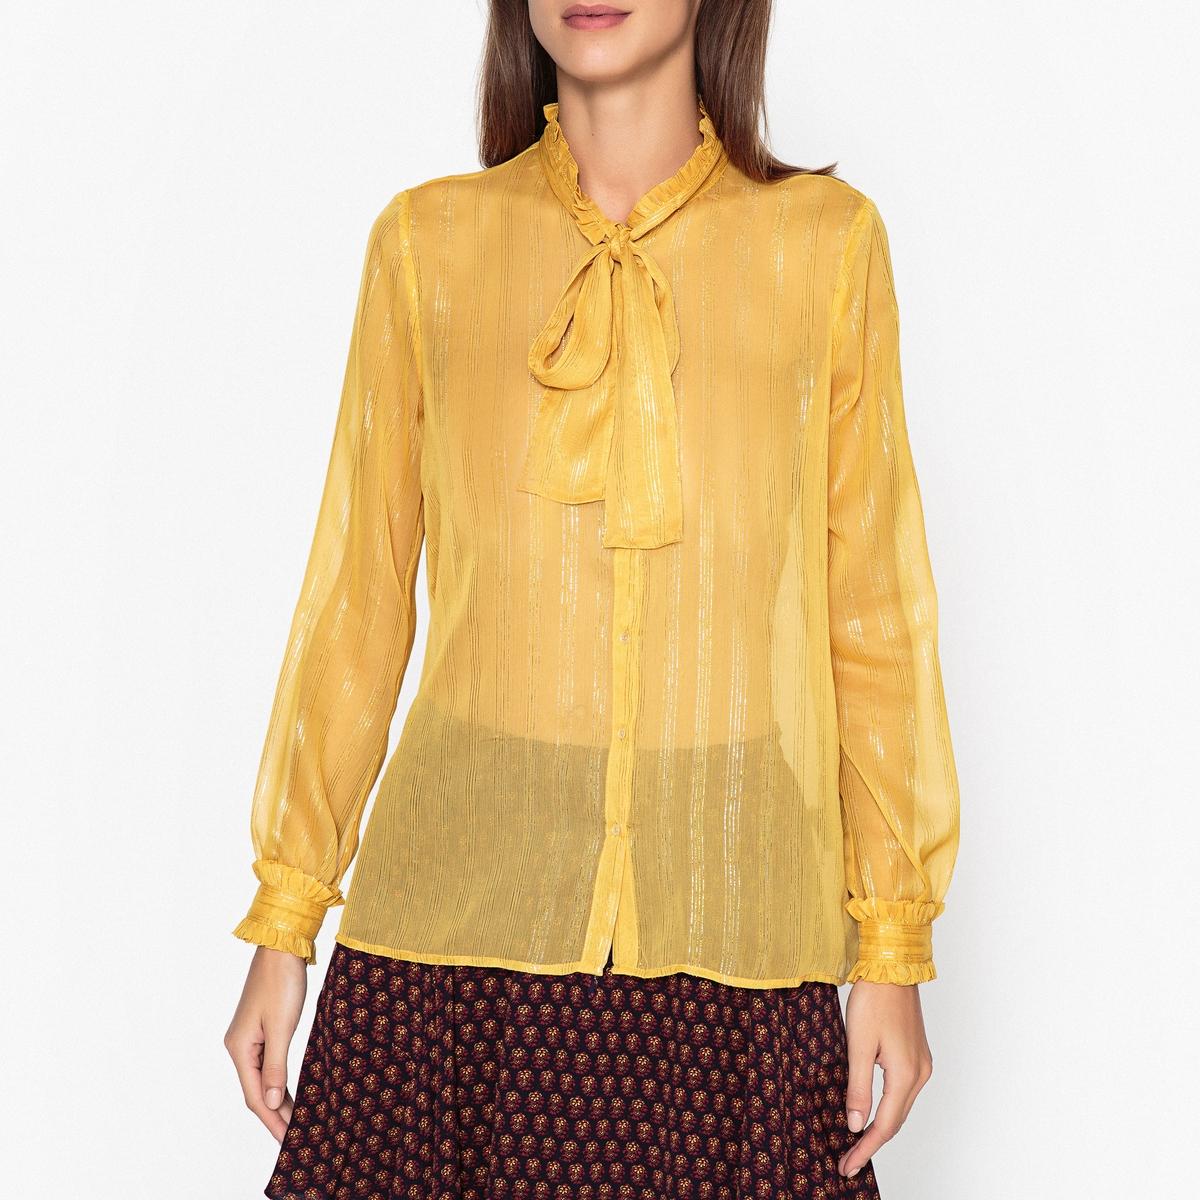 Рубашка с галстуком-бантомРубашка с длинными рукавами MAISON SCOTCH из прозрачной ткани в блестящую полоску. Галстук-бант и воланы на вырезе.Детали •  Длинные рукава •  Прямой покрой  •  Галстук-бантСостав и уход •  100% полиэстер •  Следуйте советам по уходу, указанным на этикетке •  Манжеты на пуговицах с отделкой воланами<br><br>Цвет: желтый